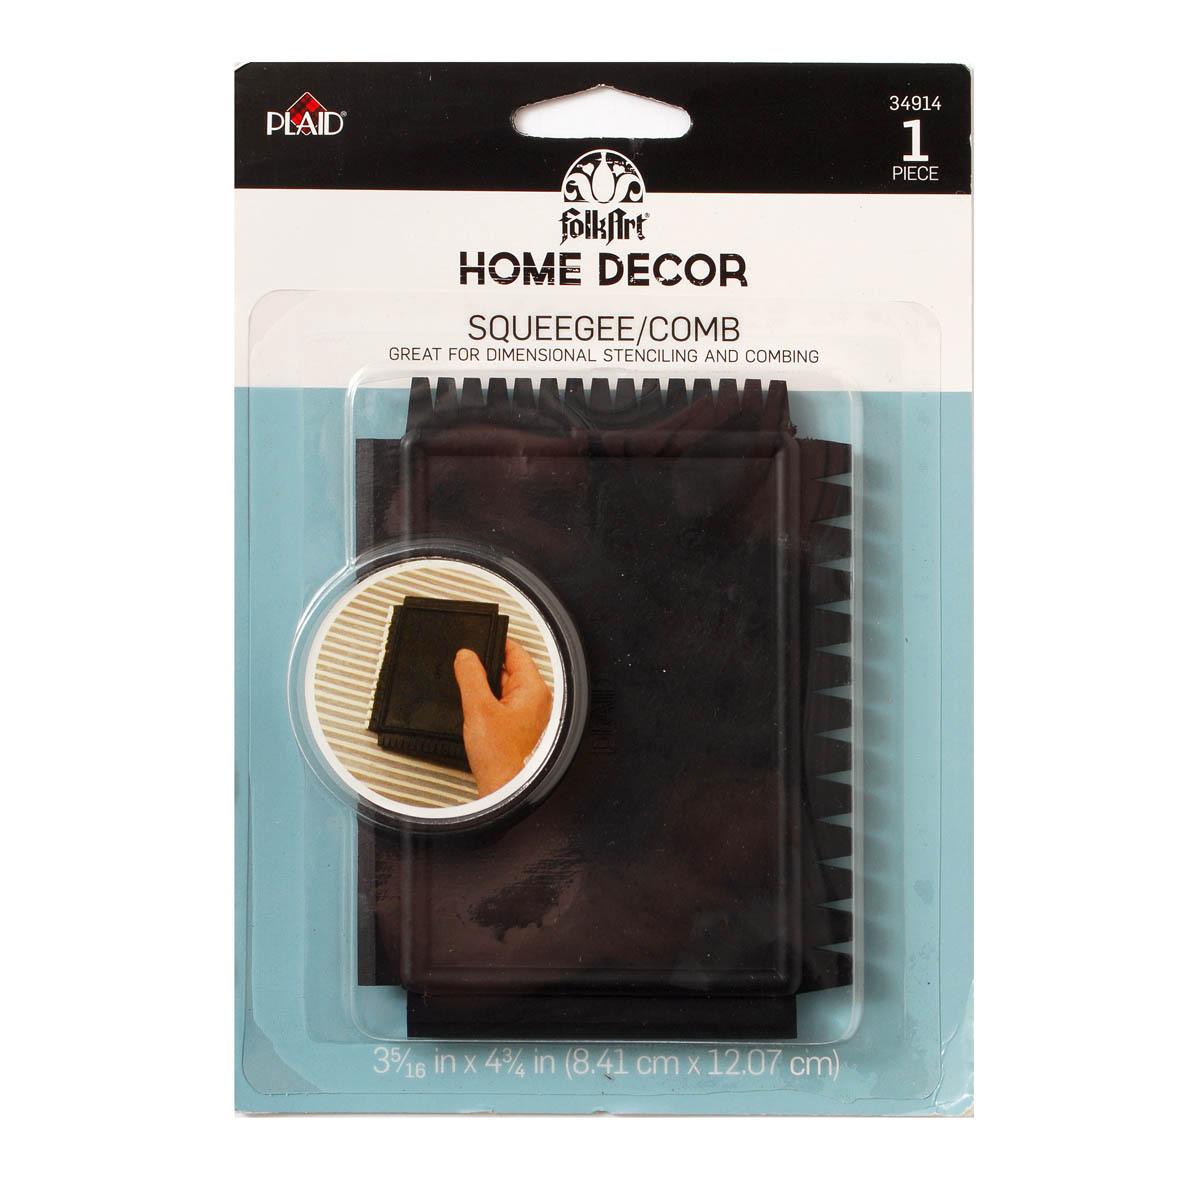 FolkArt ® Home Decor™ Tools - Squeegee/Comb - 34914